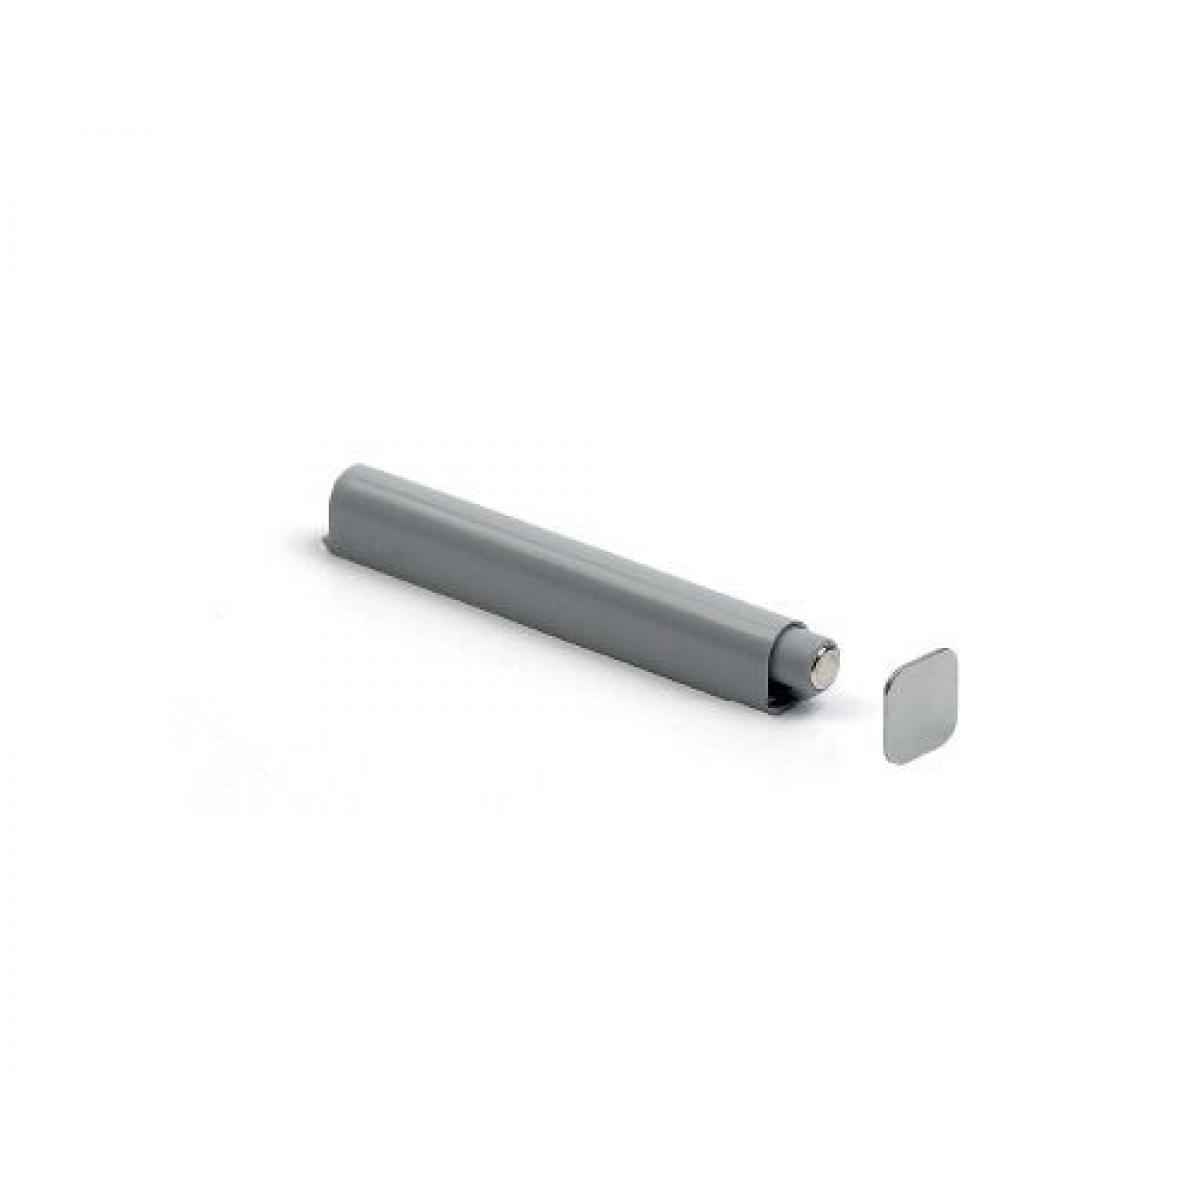 Механизм Impuls накладной 20мм цвет серый на липучке